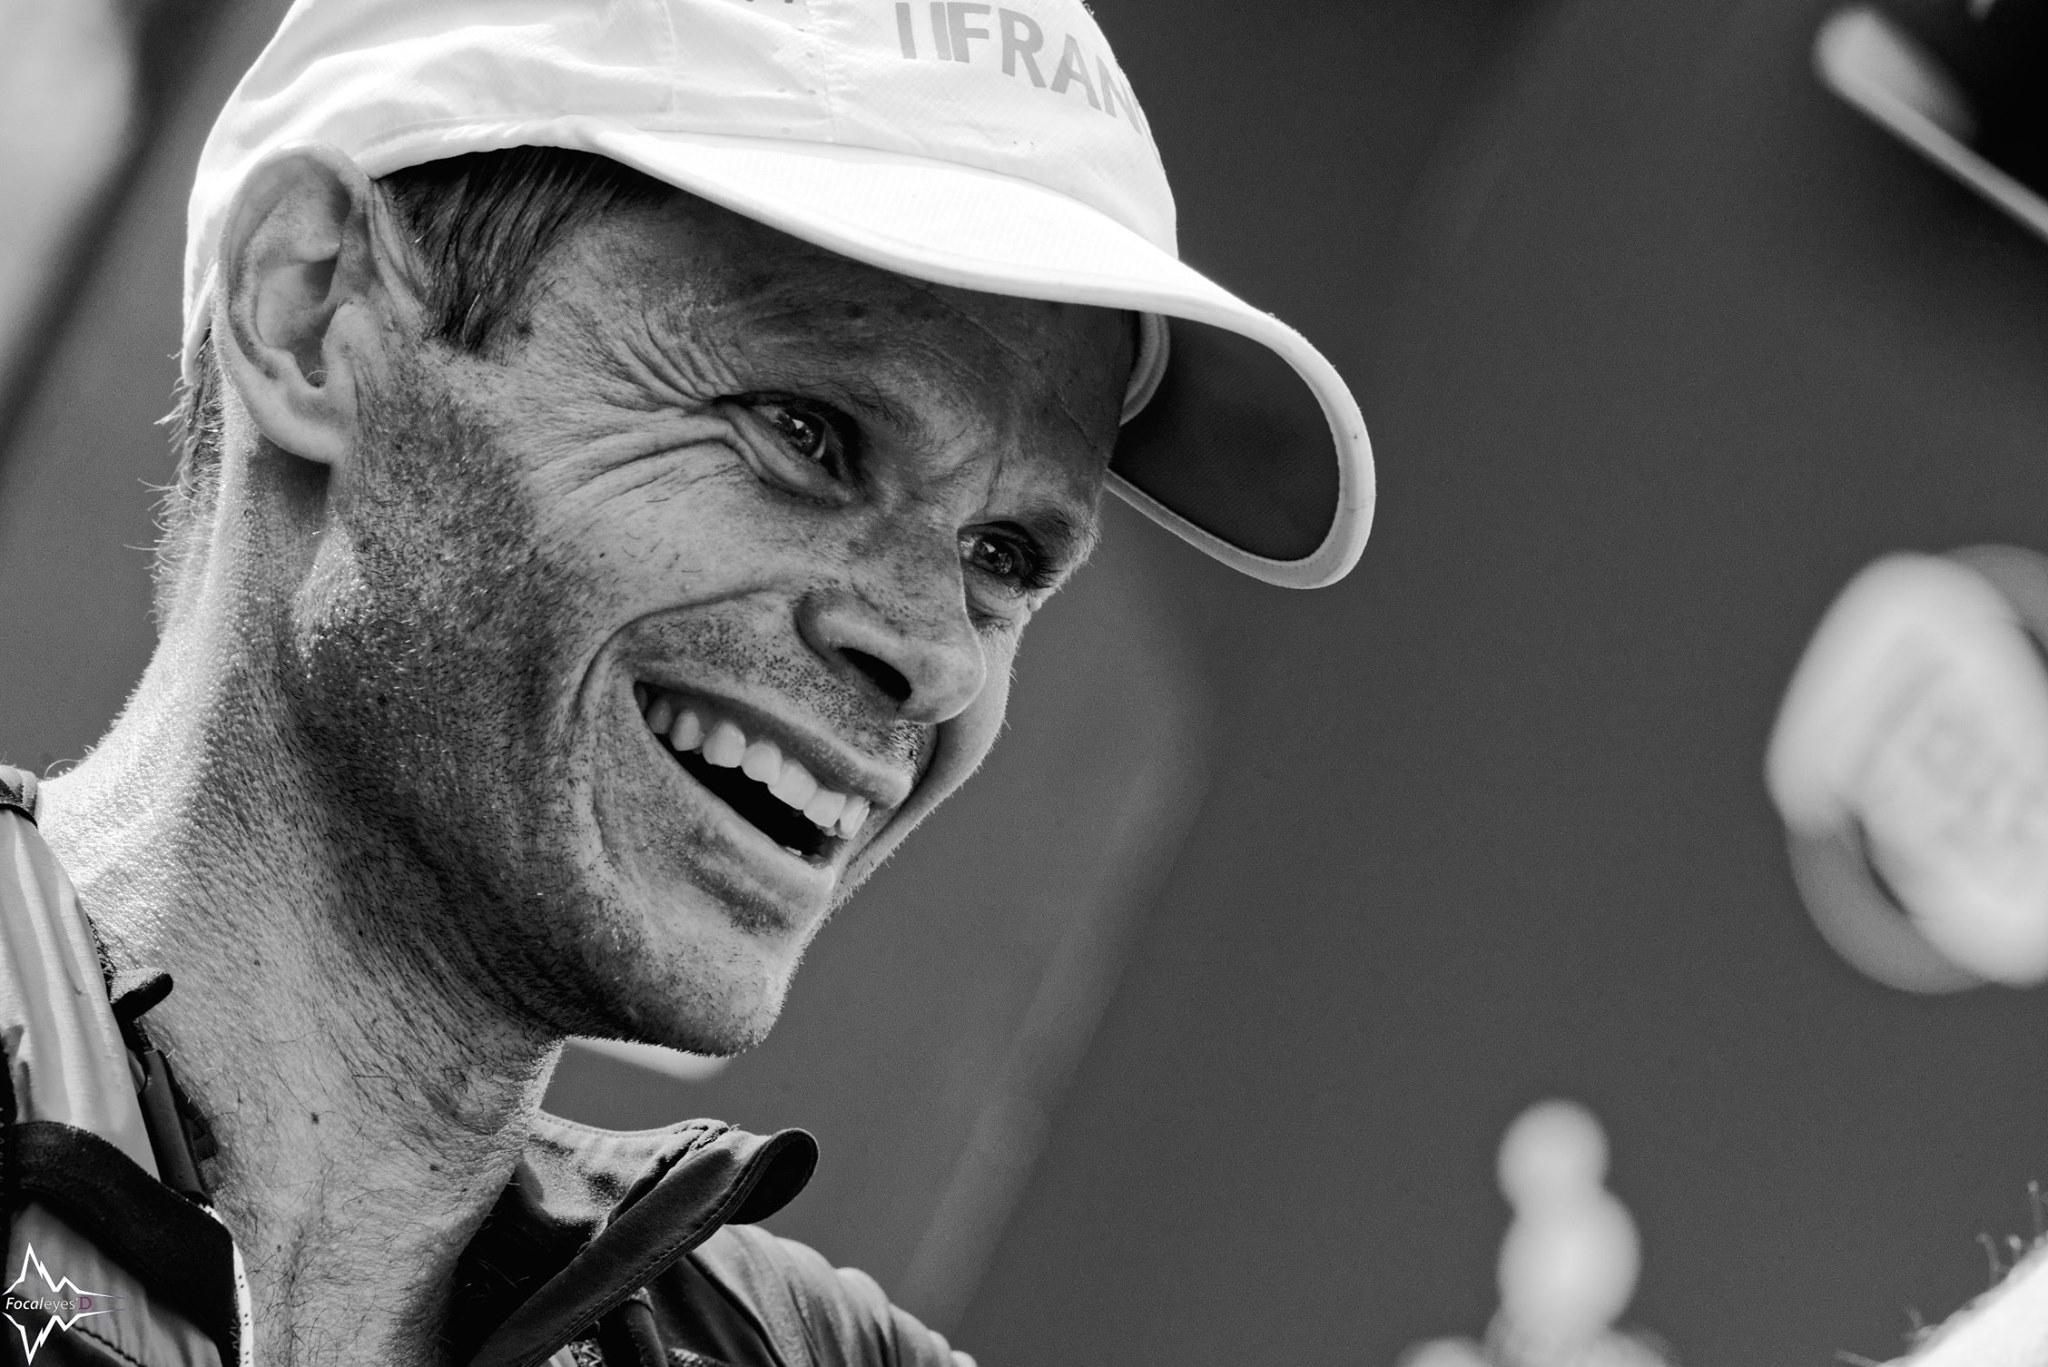 Ludovic Pommeret - zwycięzca tegorocznego UTMB był dopiero 5. na MŚ w Portugalii. Fot. Focaleyes'D - Richard Couret